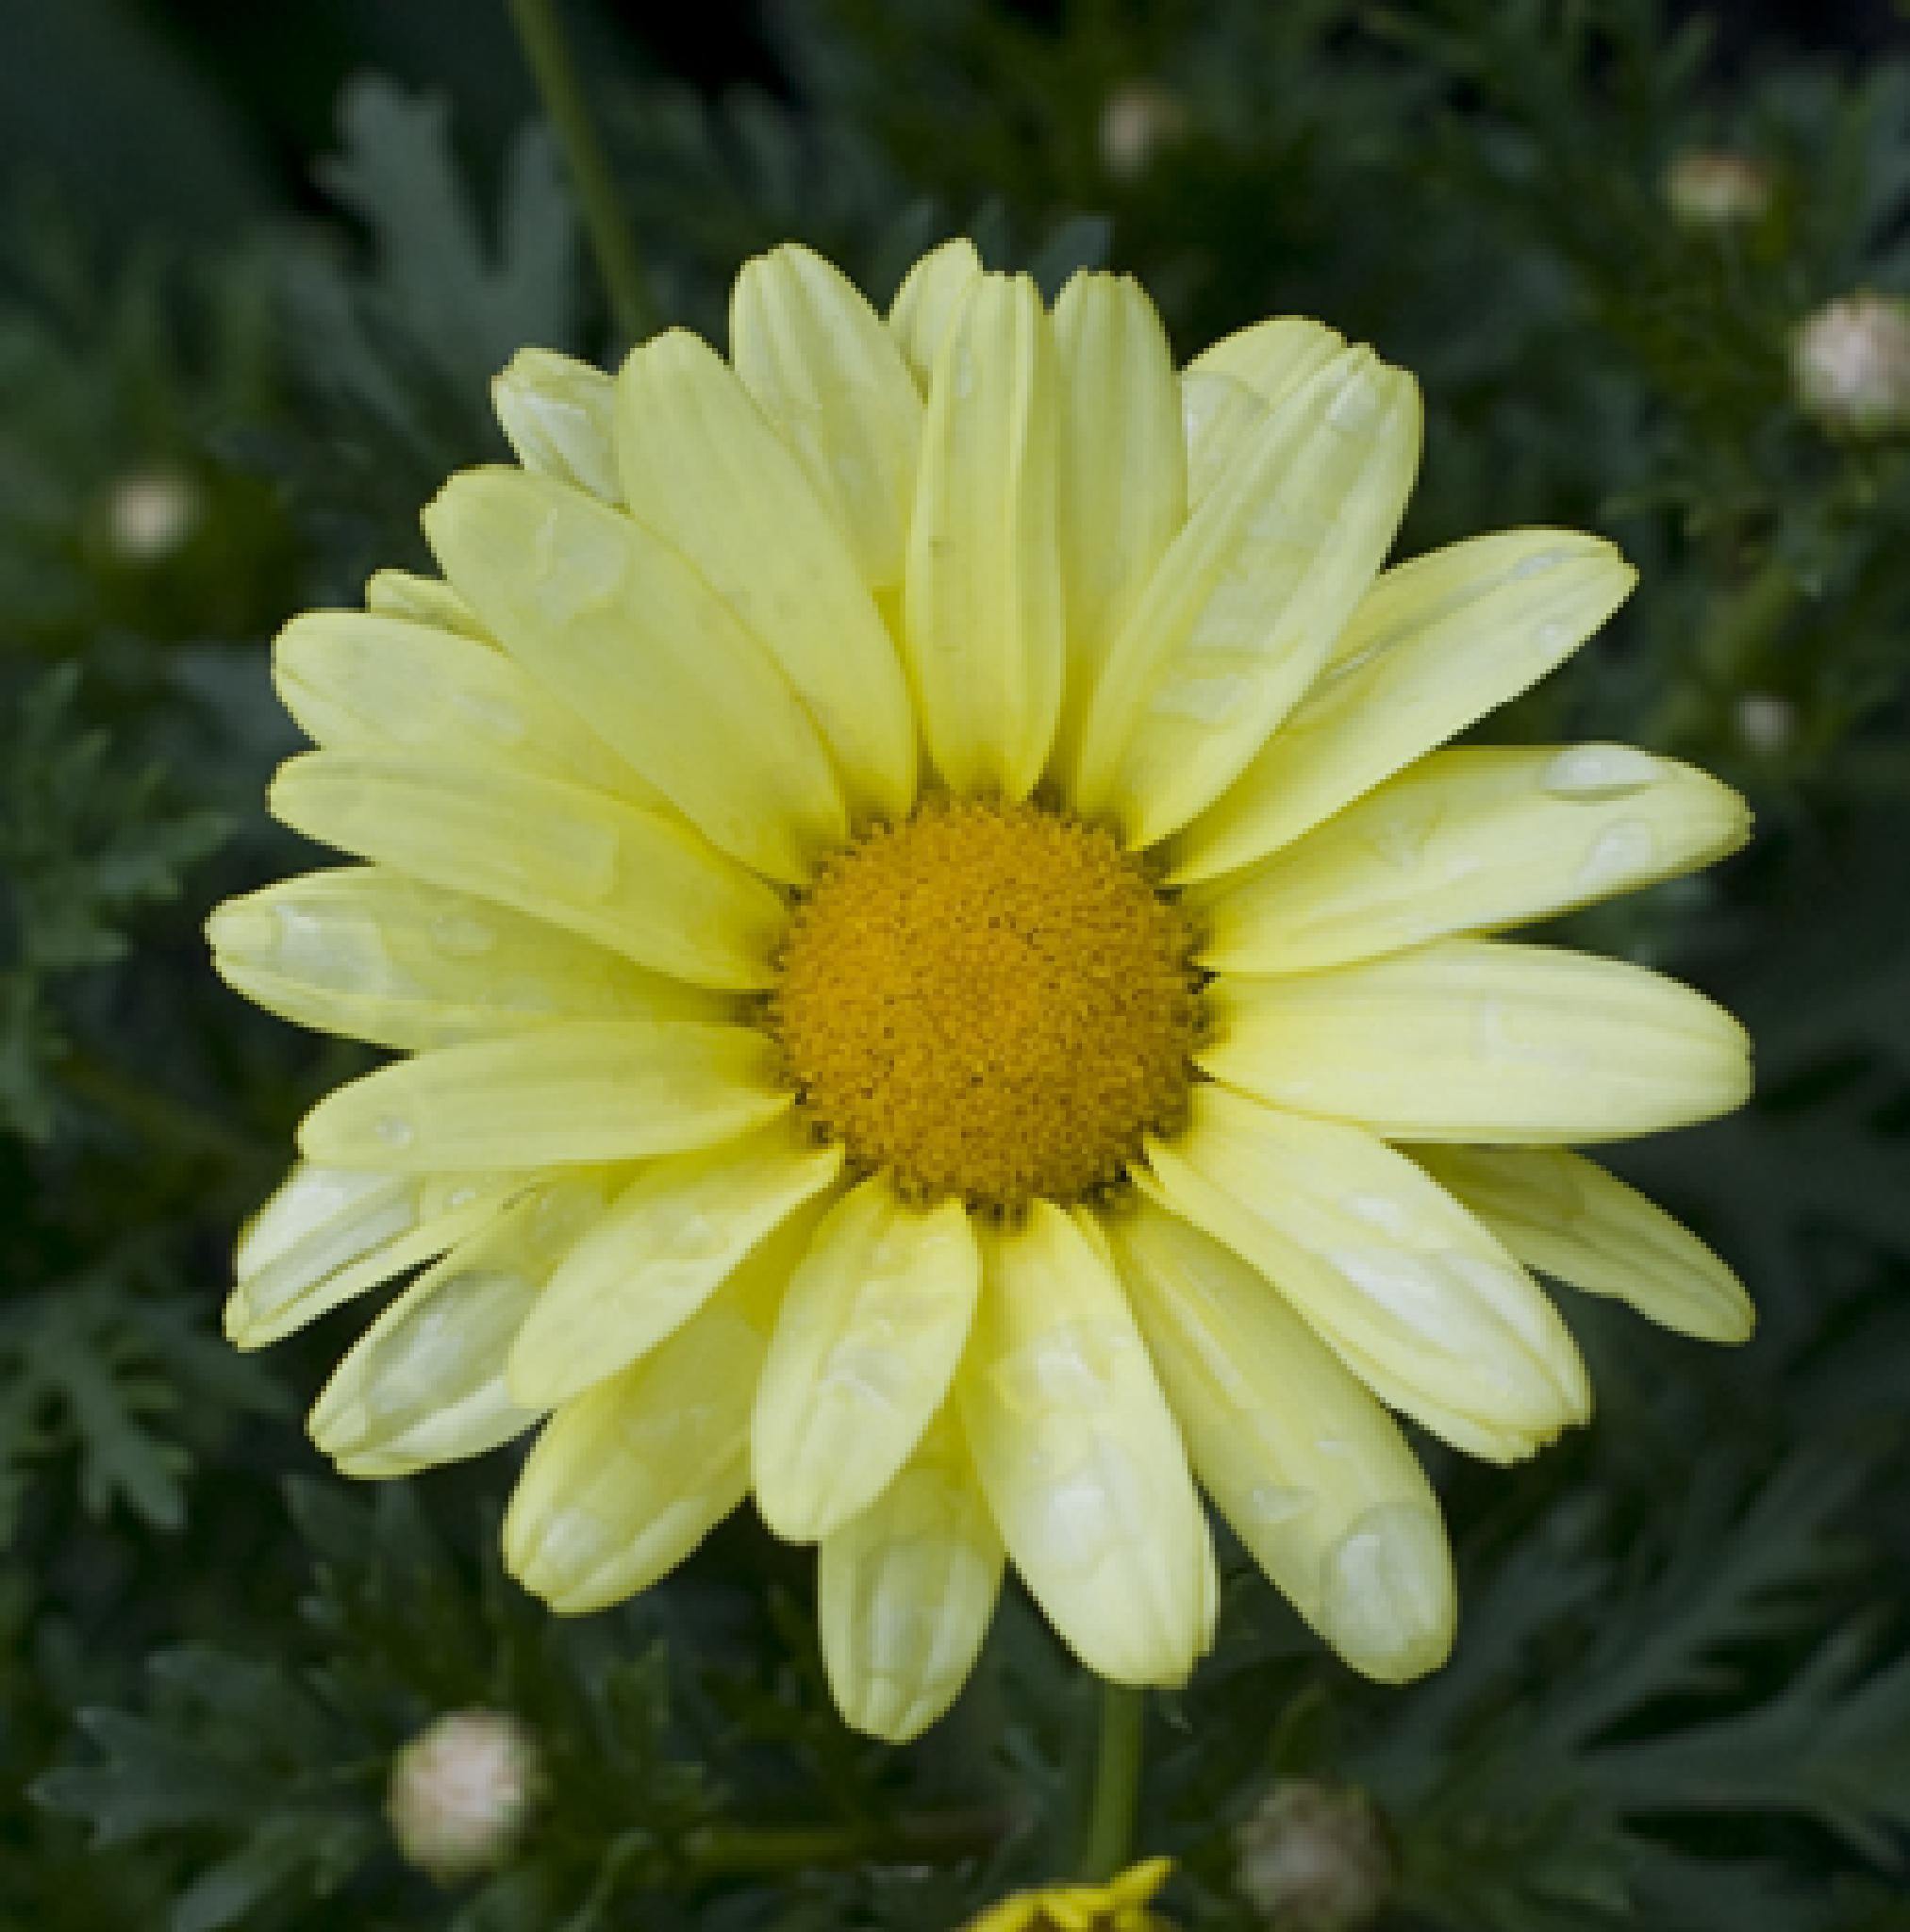 daisy daisy by debra.louden1